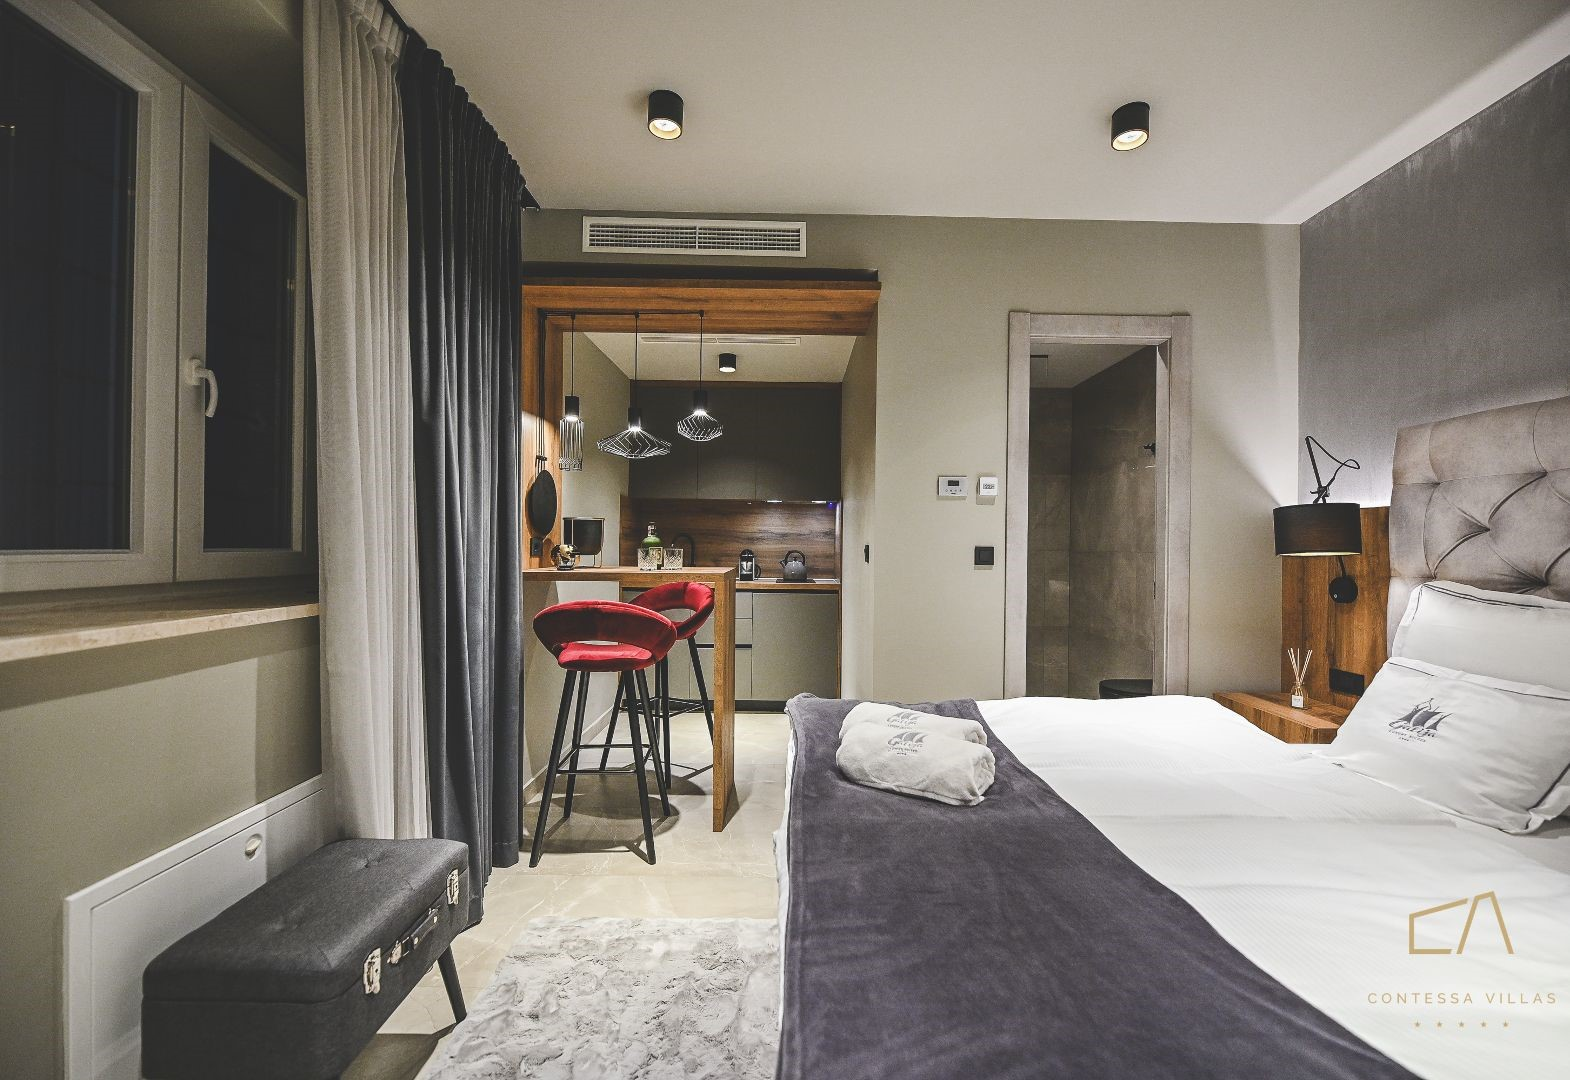 Doživite potreban mir i privatnost u jednom od očaravajućih Heritage Galija Suites ****